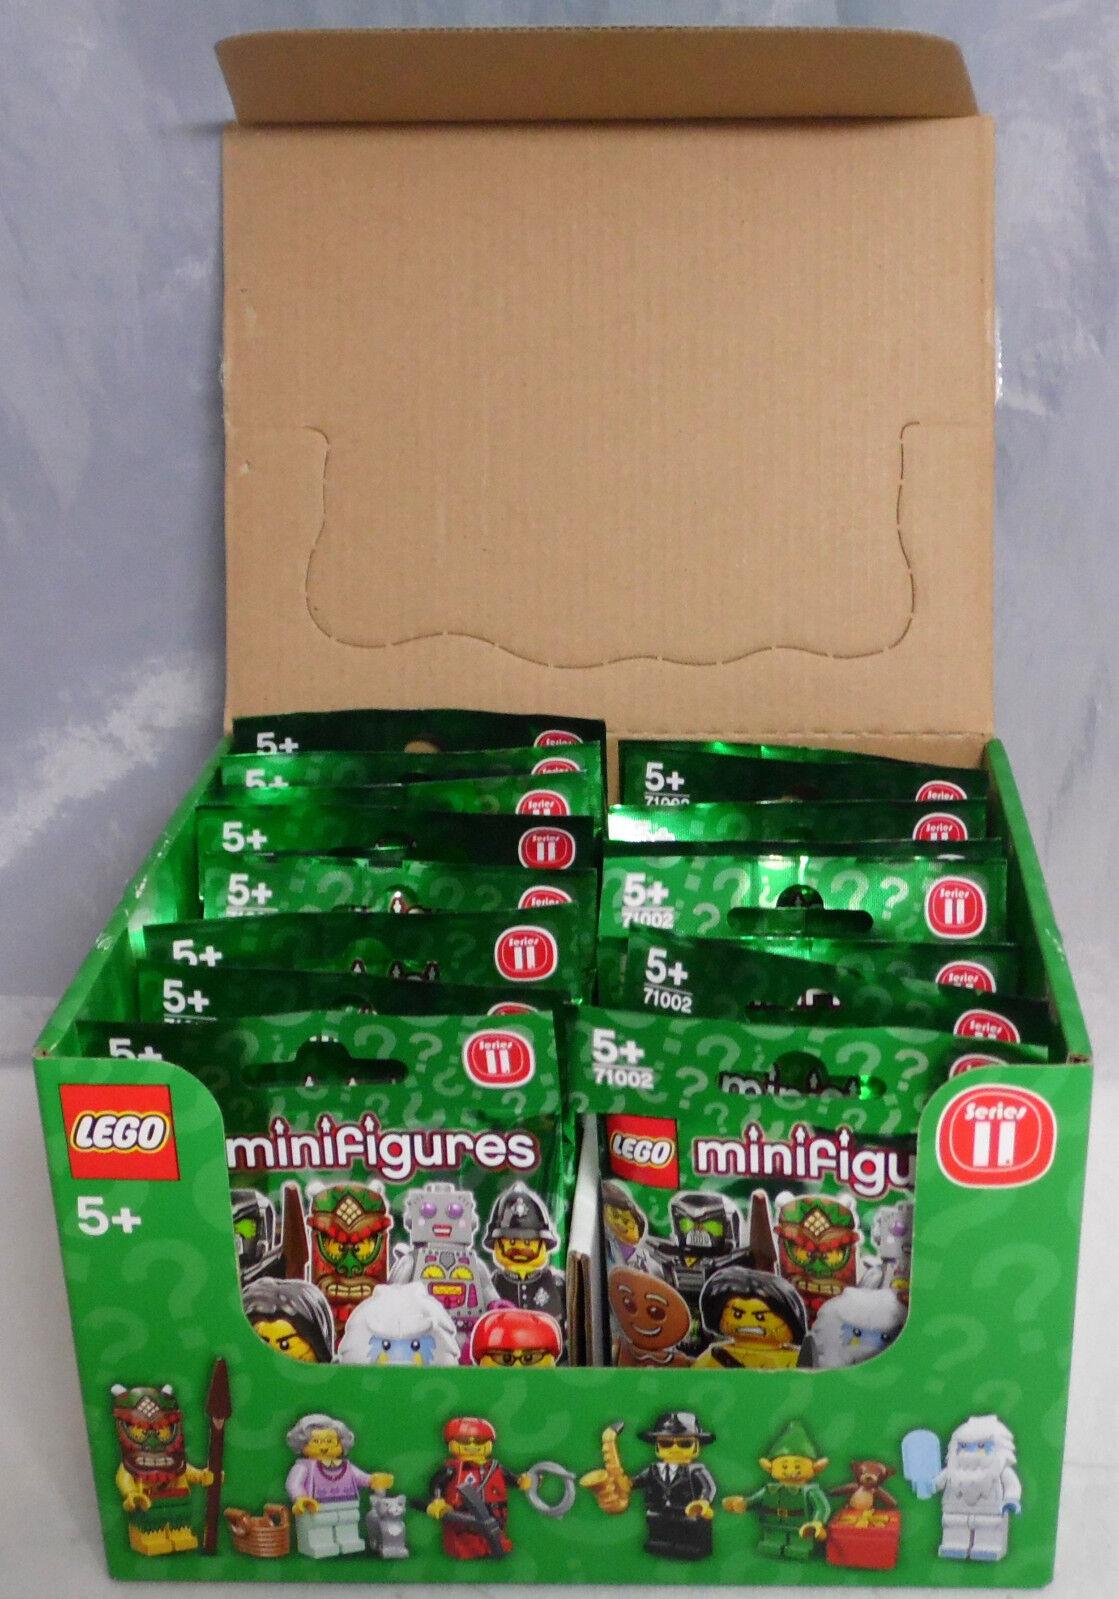 LEGO  71002 personaggi serie 11, 1 set completo = 16 cifra nel display NUOVO  divertiti con uno sconto del 30-50%